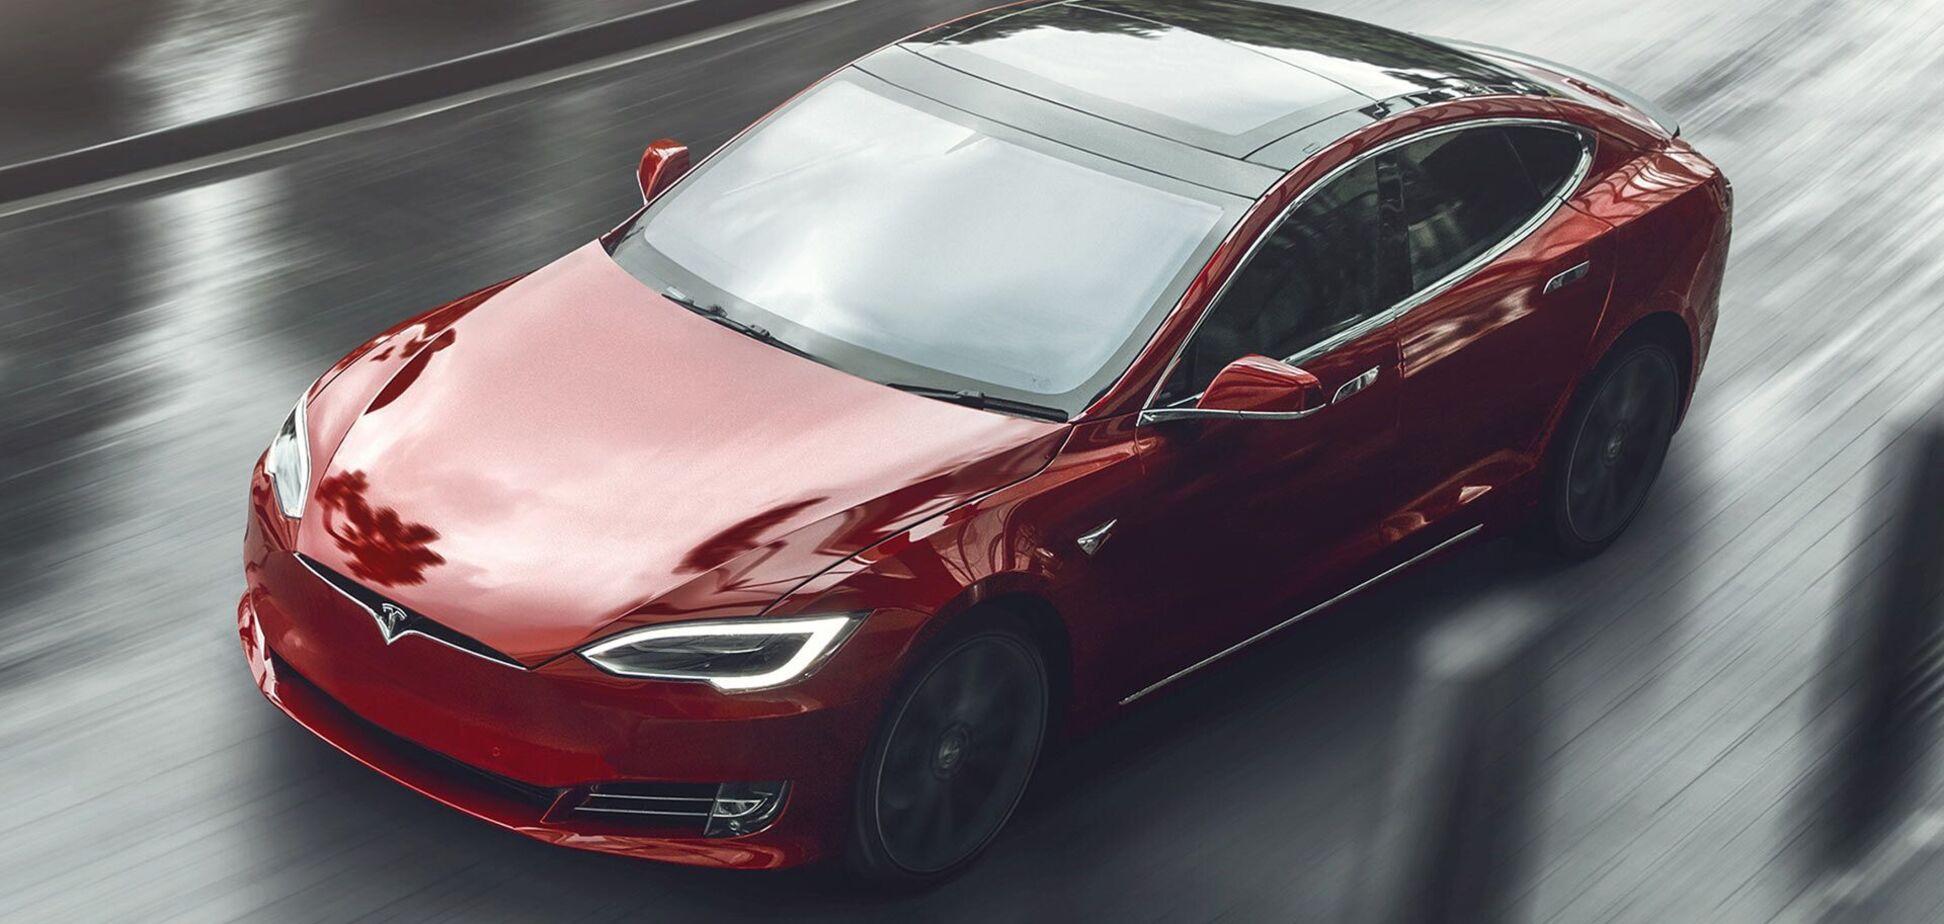 Электромобили с самым большим запасом хода: 10 машин, которые проедут не меньше 500 км